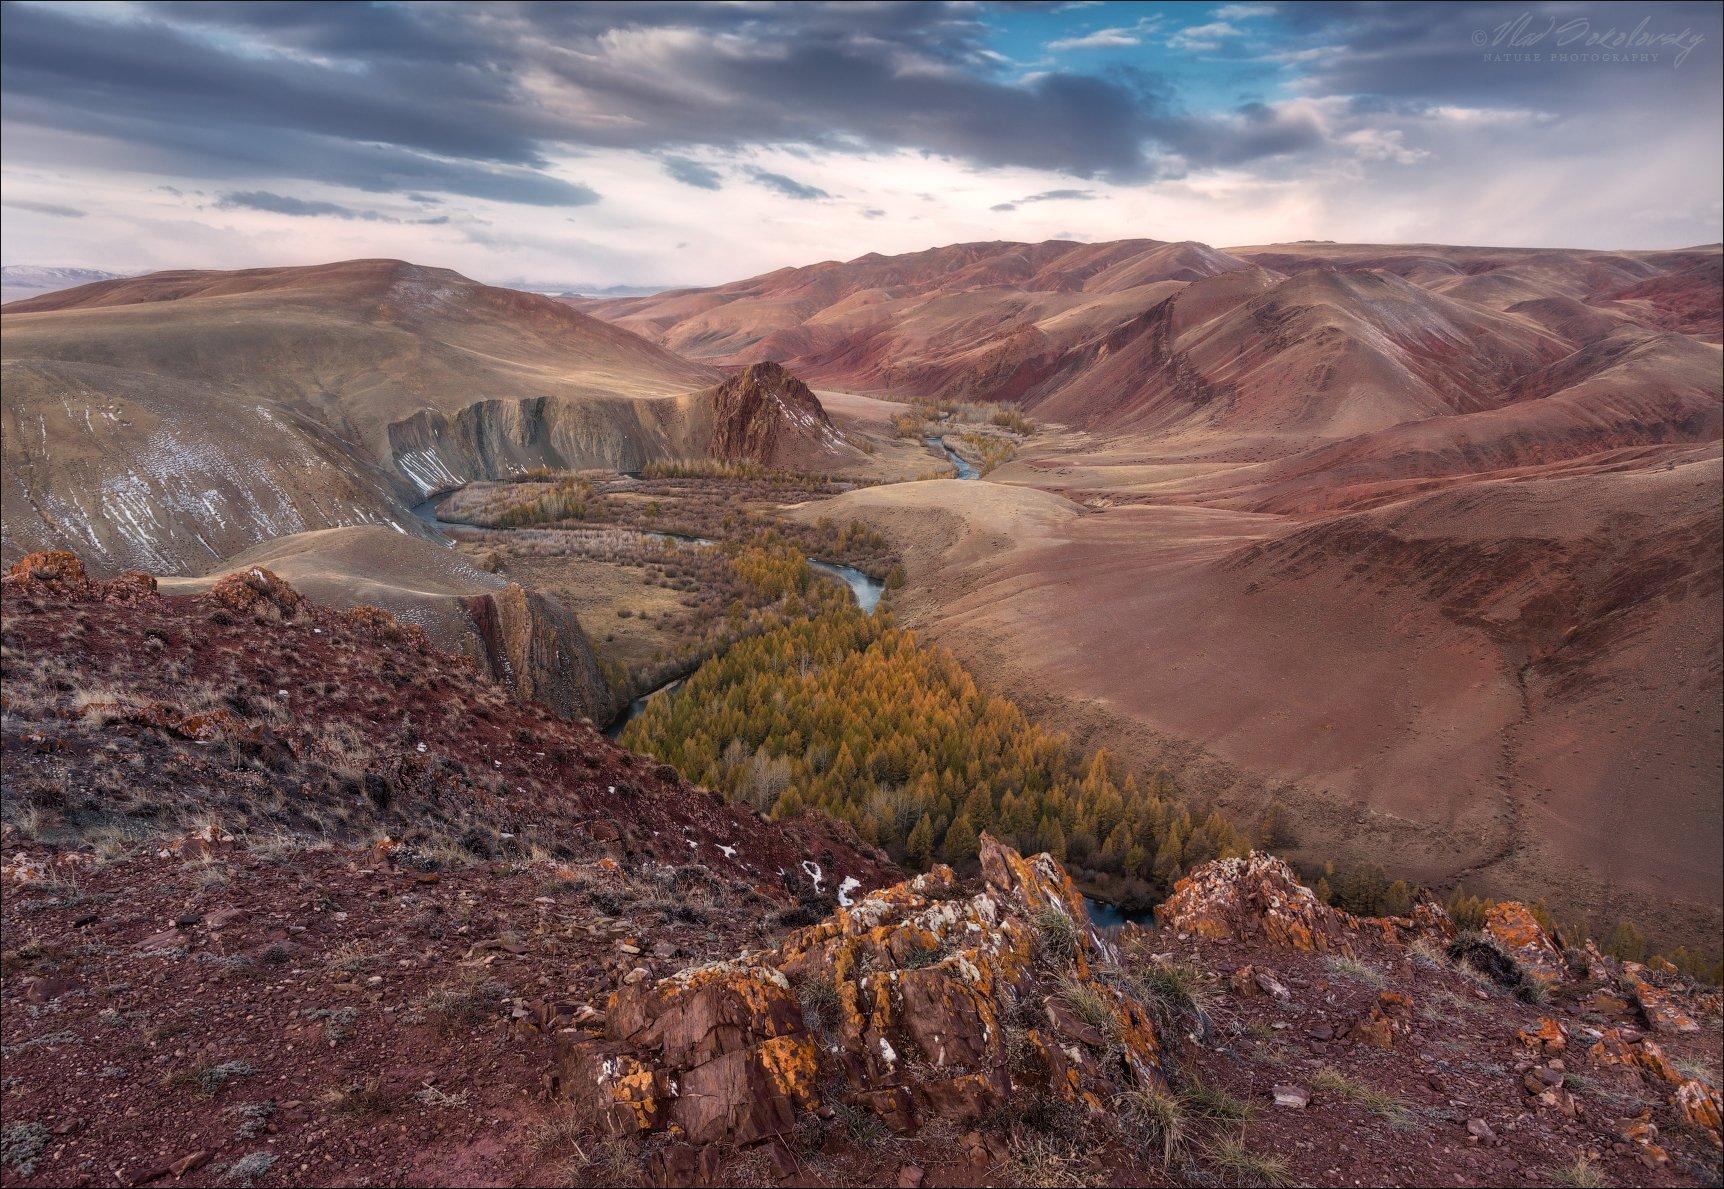 марс, curiosity, алтай, кокоря, осень, чуйская степь, кош-агач, кызыл-шин,кызыл-чин, Влад Соколовский